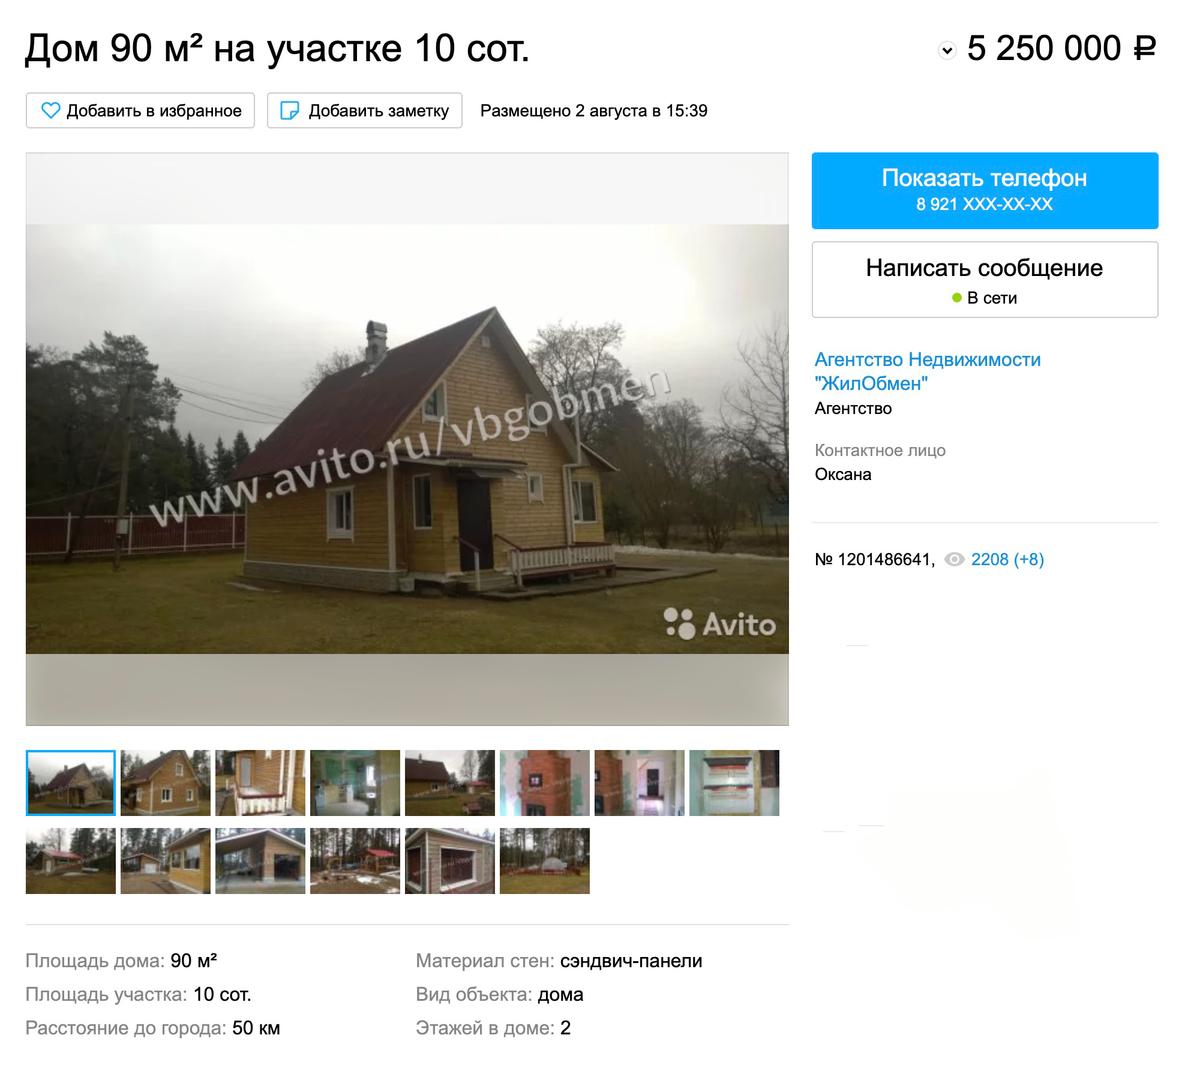 Один дом площадью 90 м² с удобствами и отделкой стоит 5,2 млн рублей